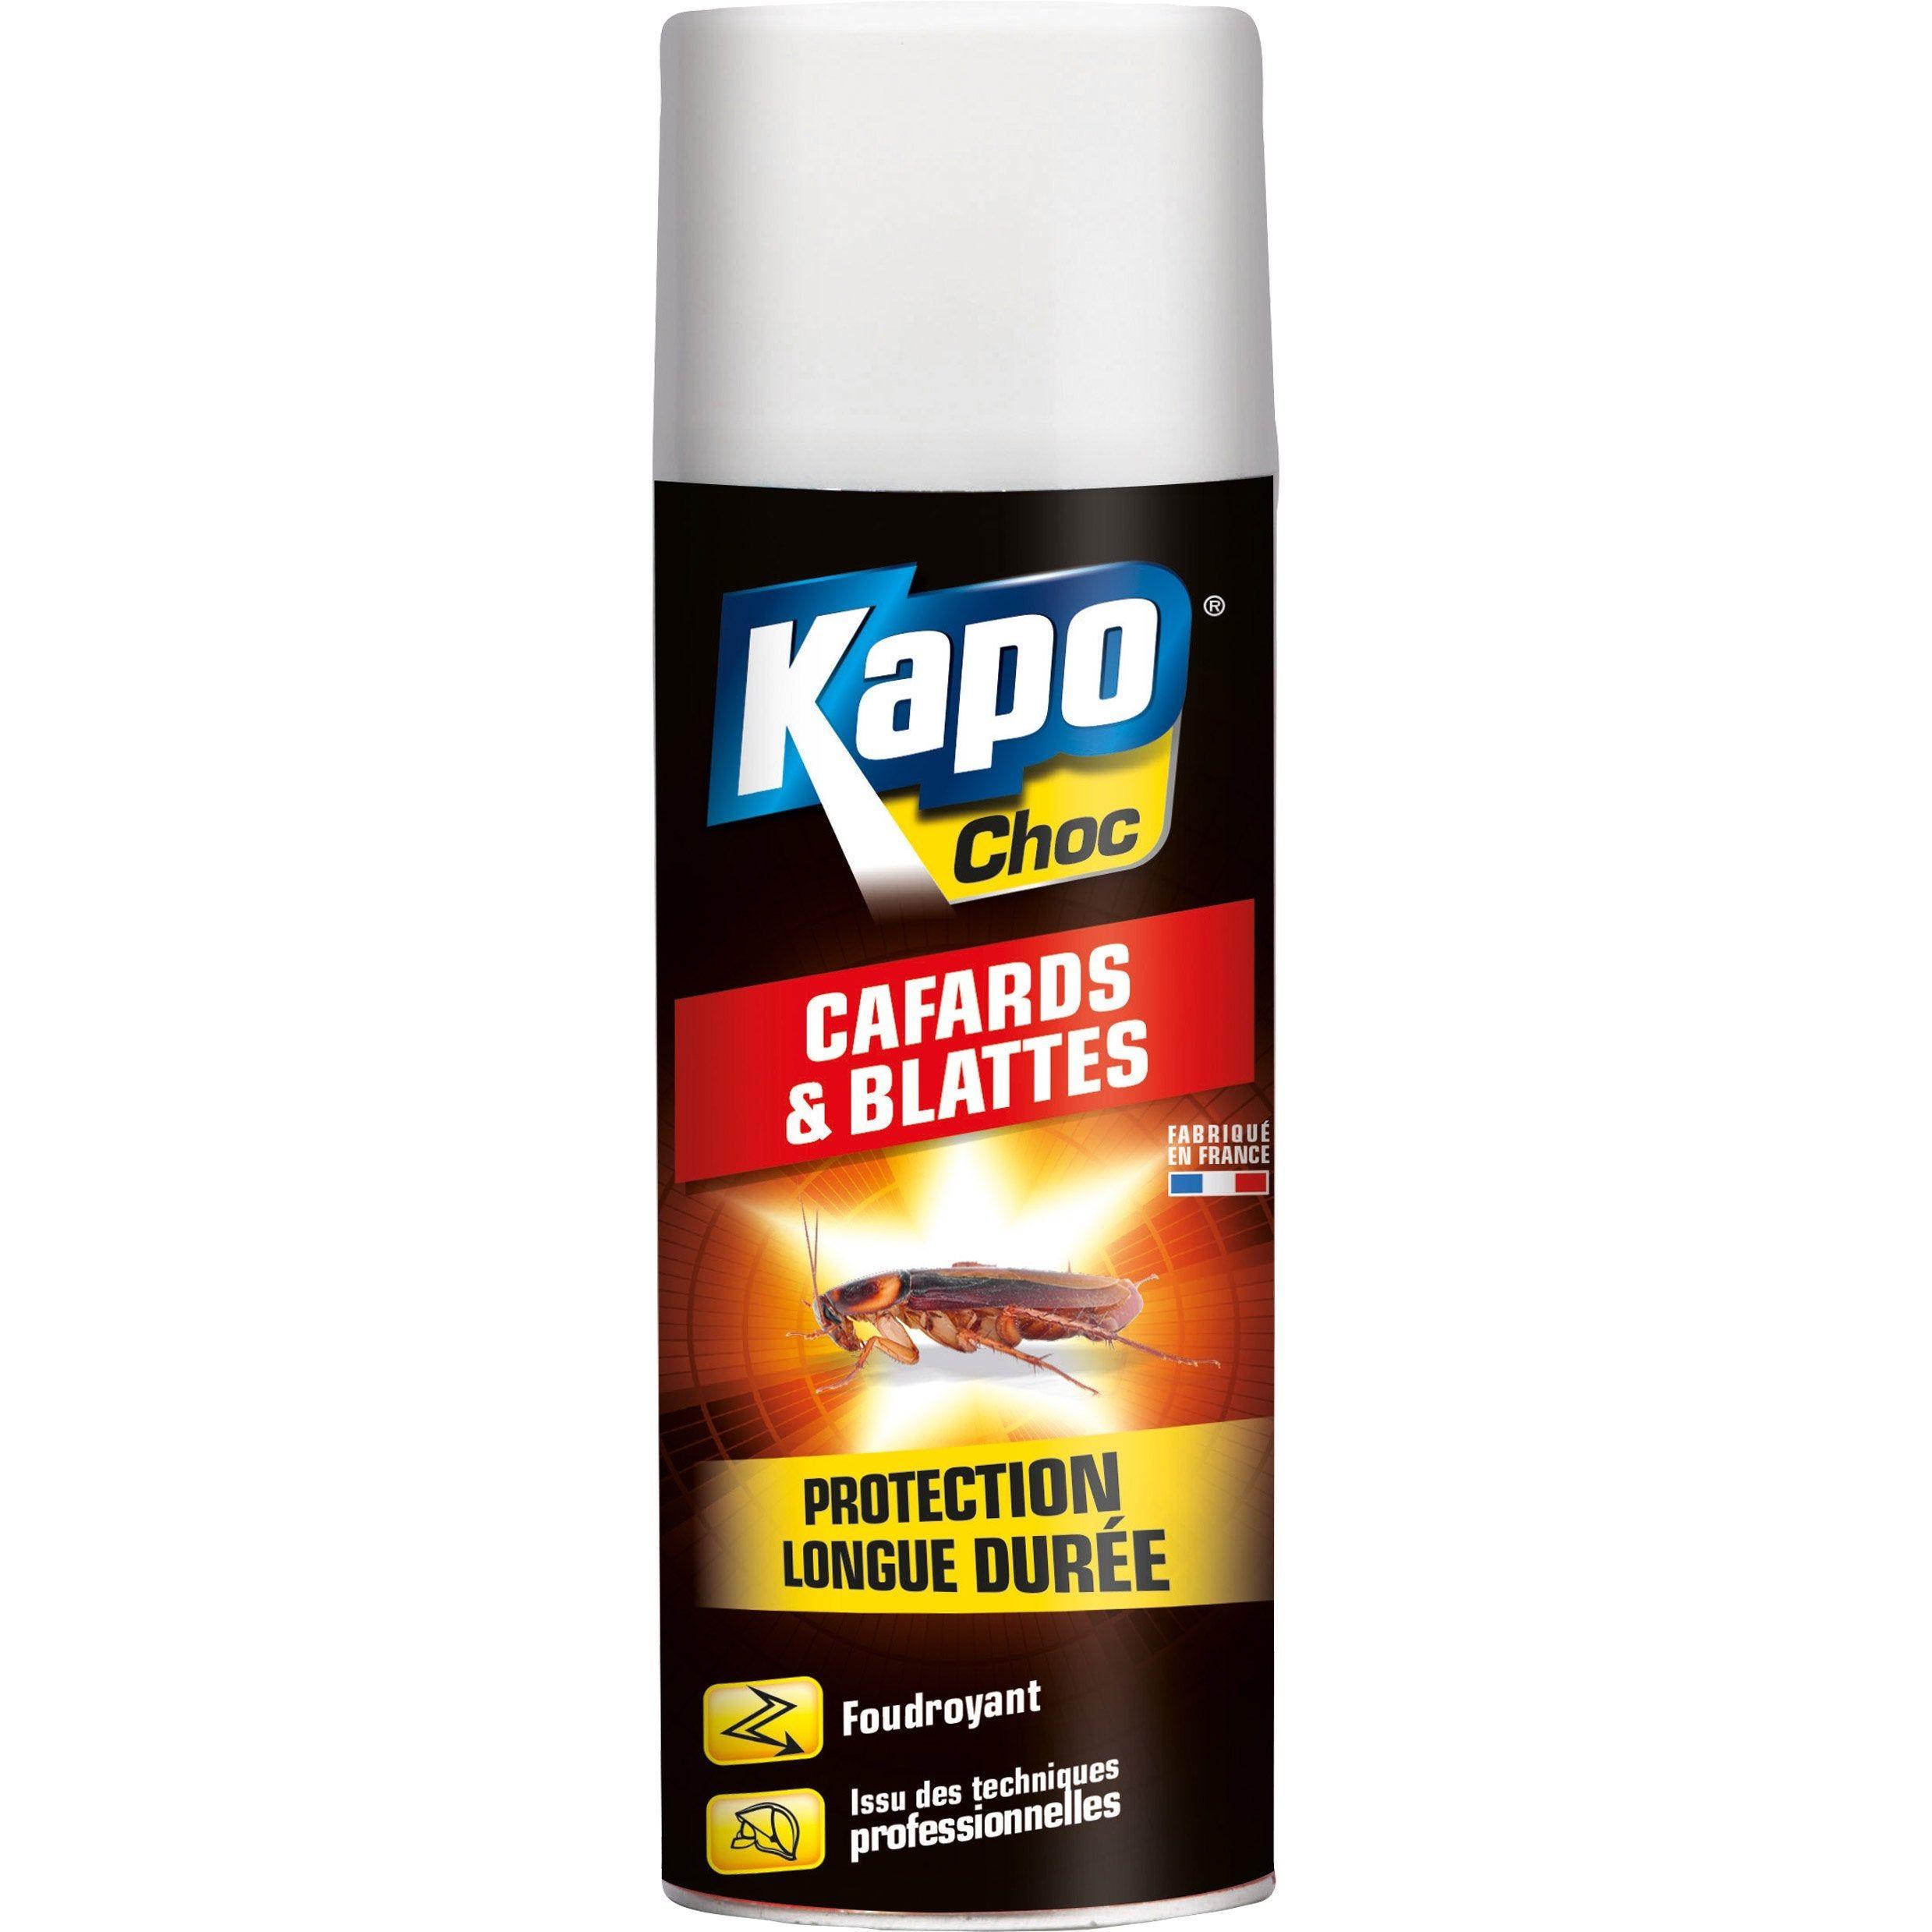 Aerosol Insecticide Pour Cafards Et Blattes Kapo 0 4 L Insecticide Aerosol Cafards